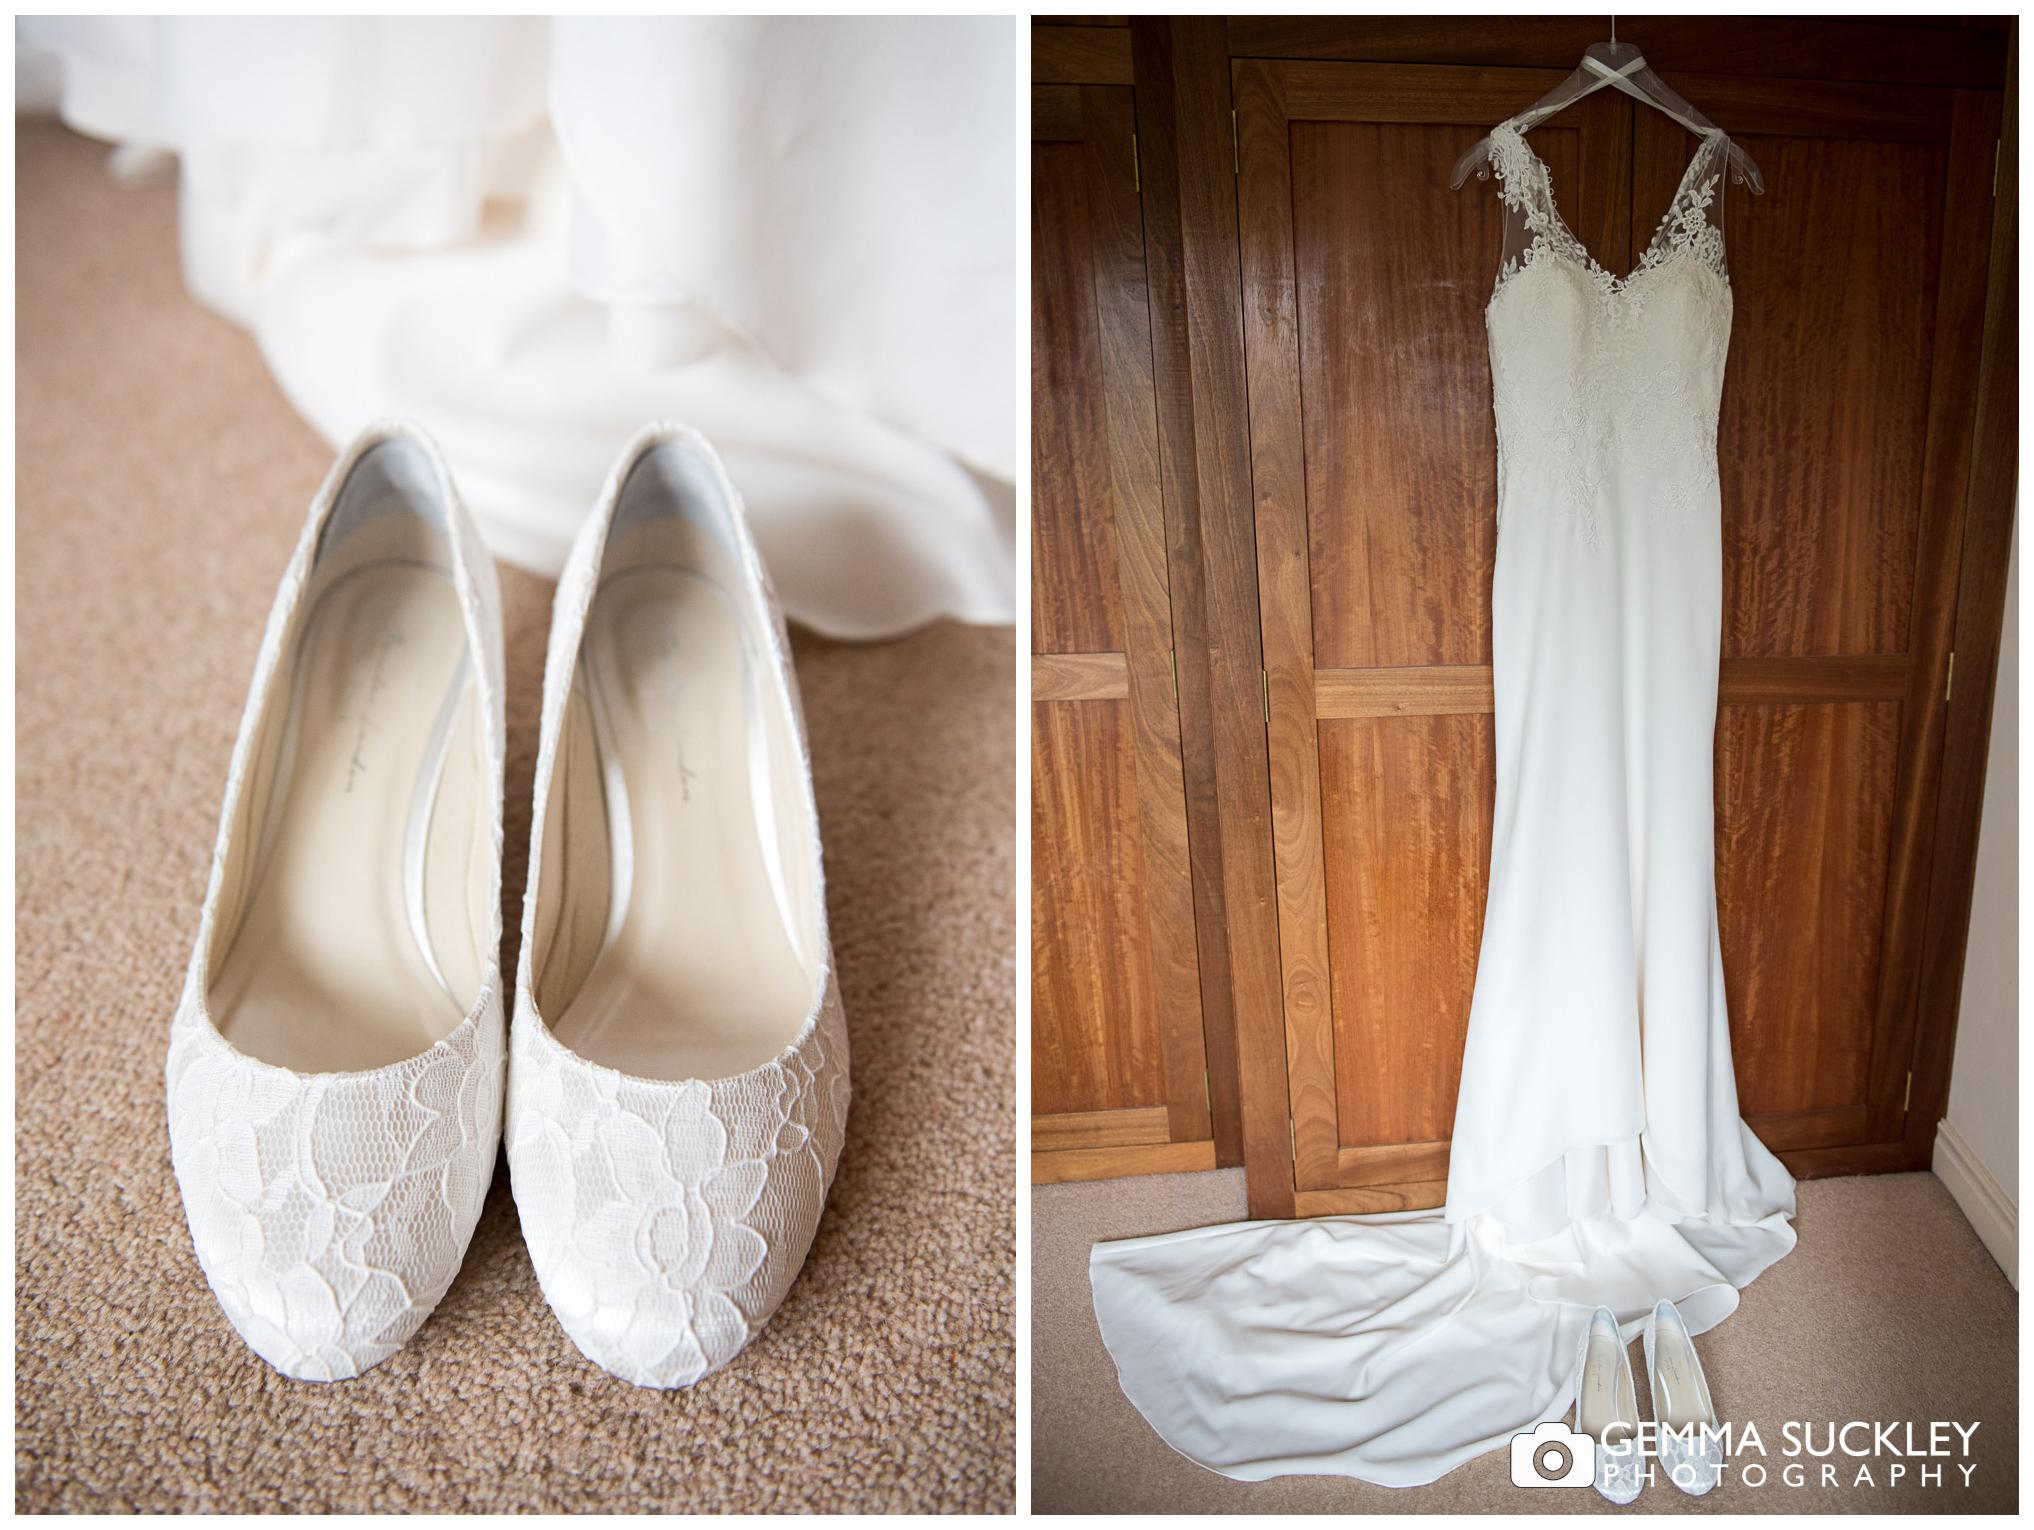 Harrogate bride's wedding dress